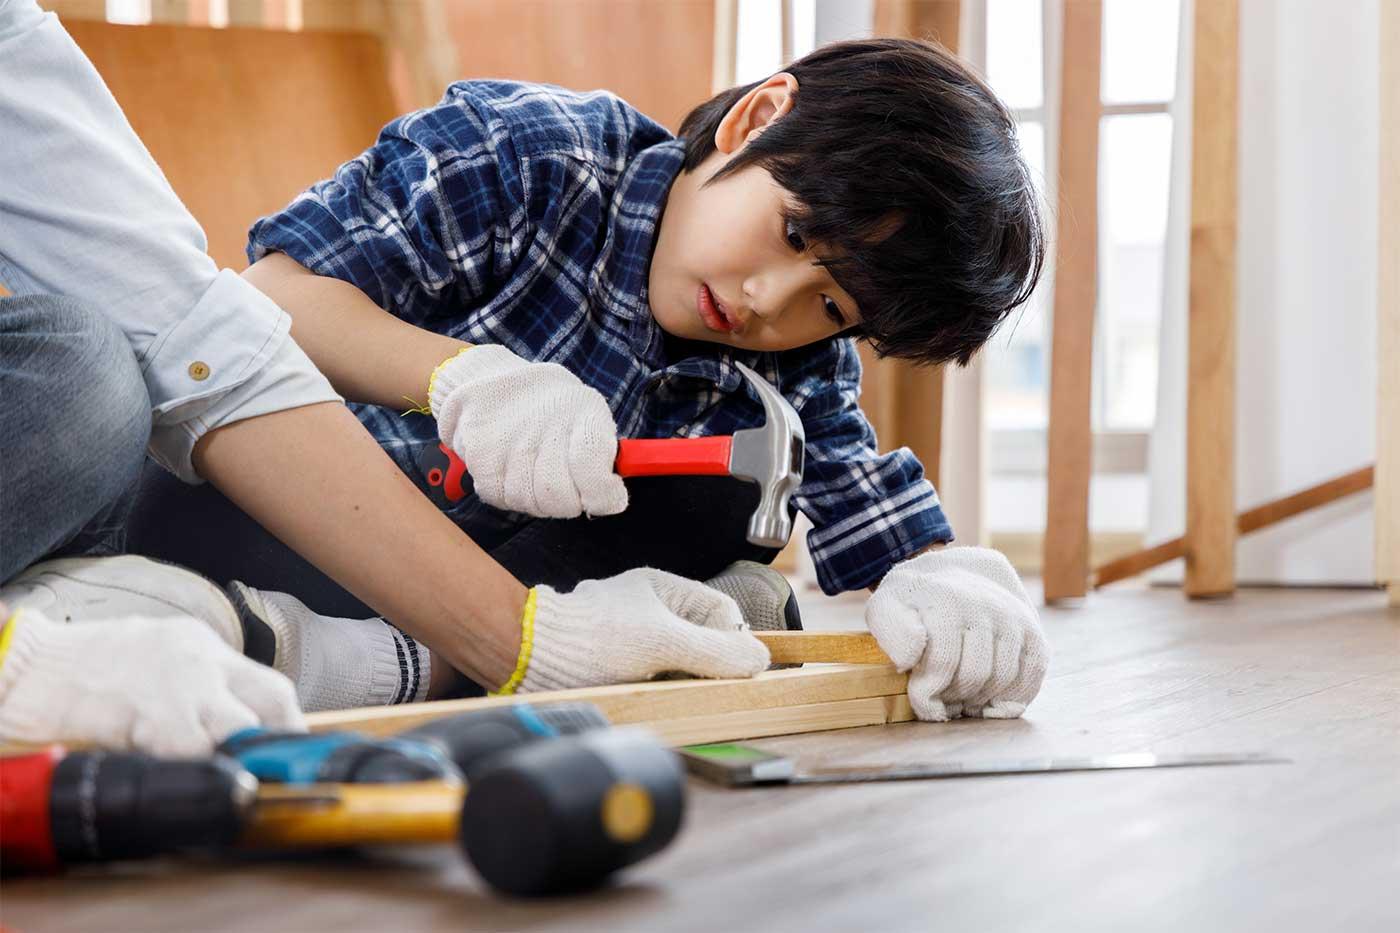 boy nailing wood